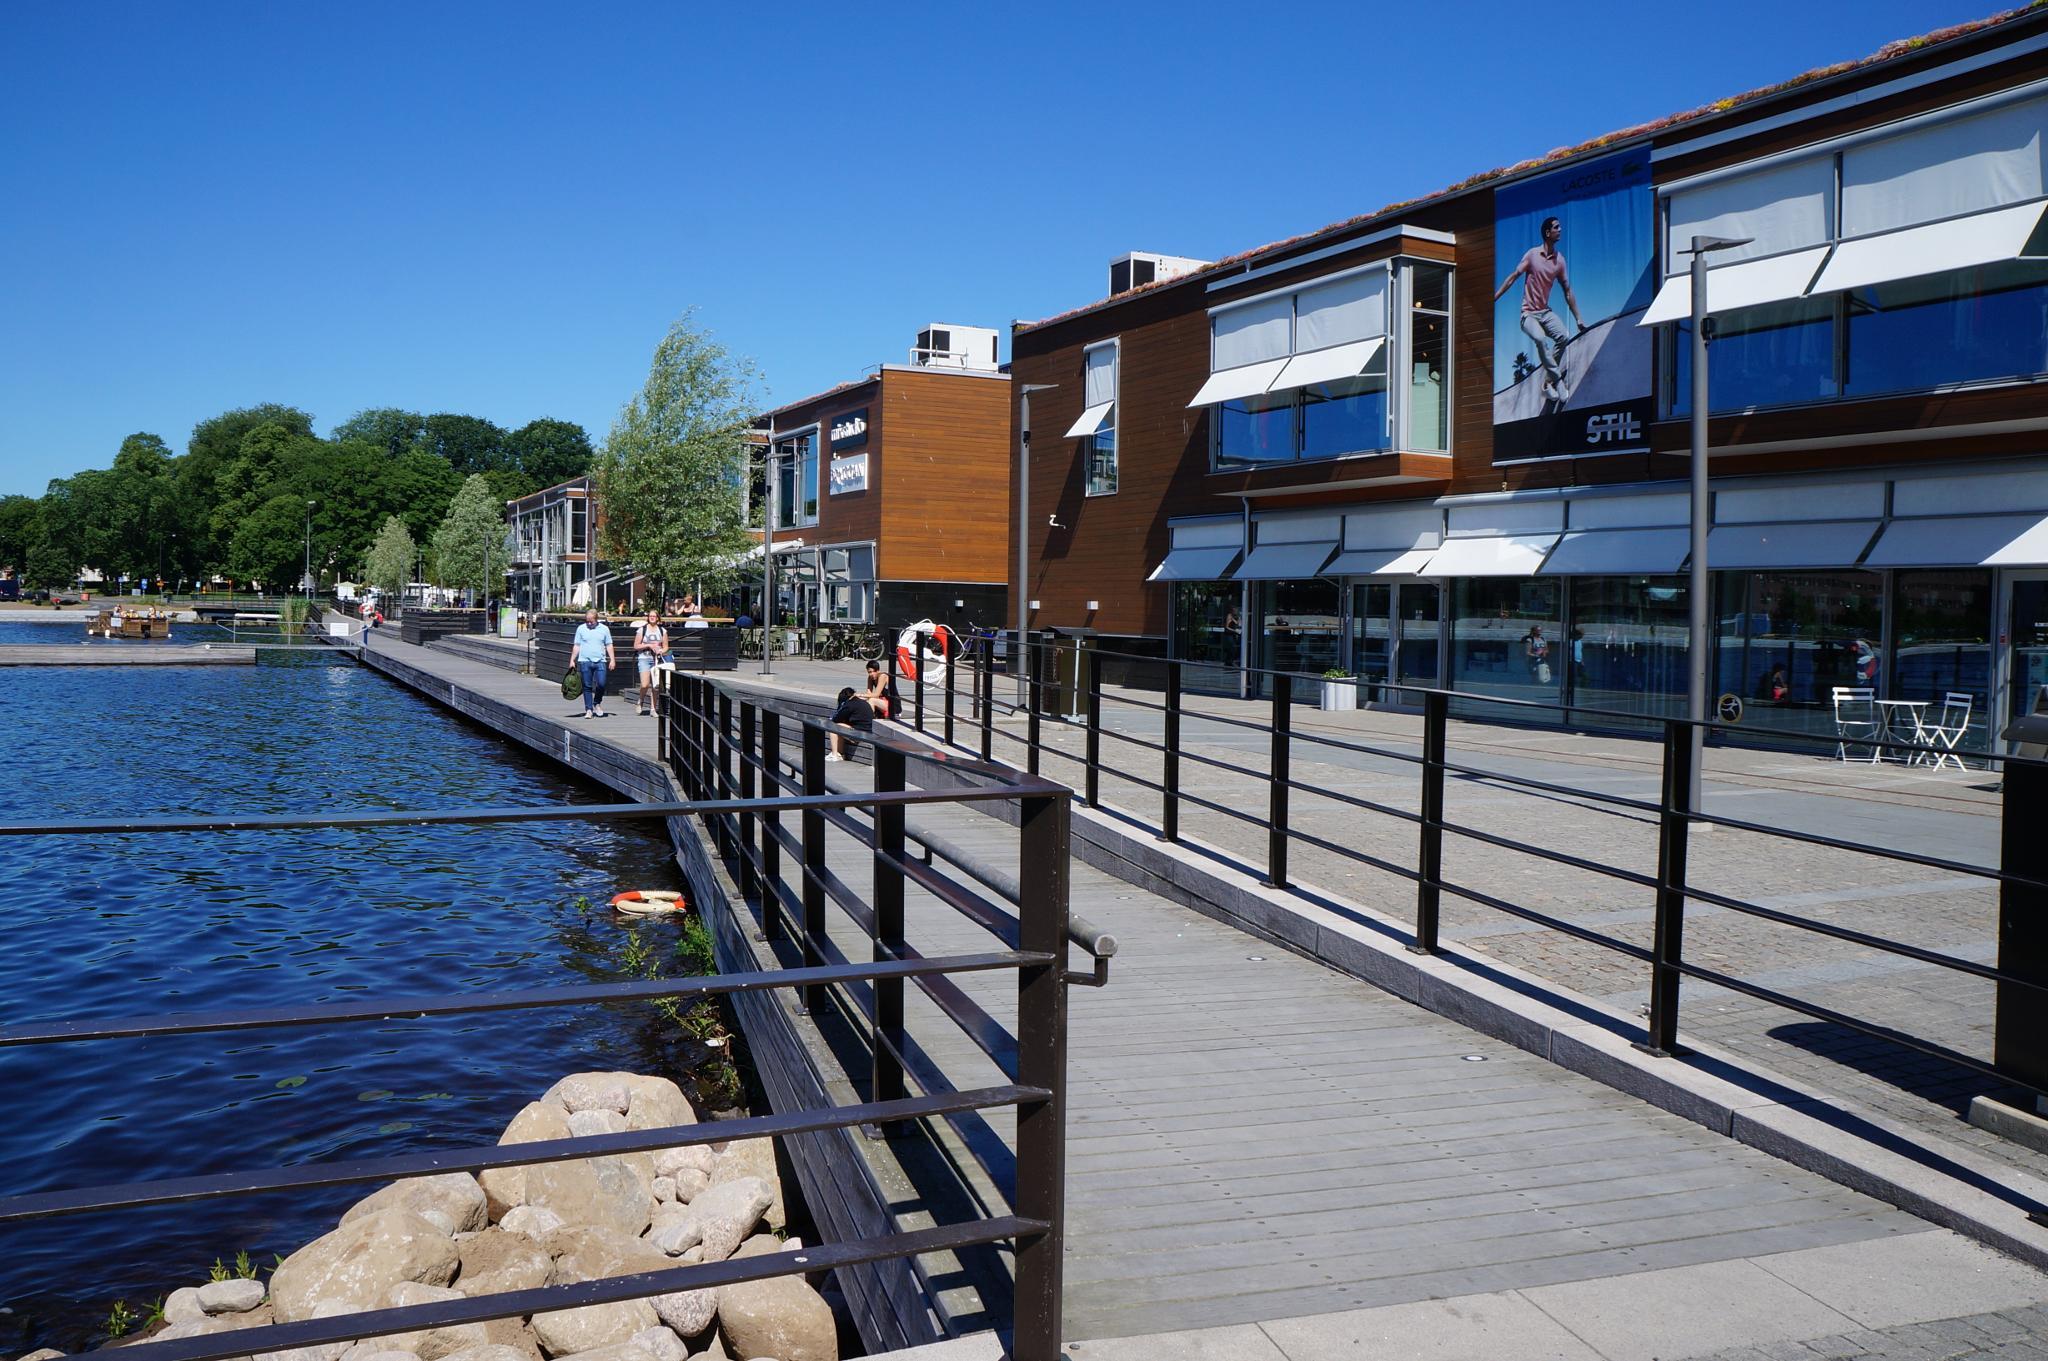 Magasinen, Jönköping by Pernilla_J